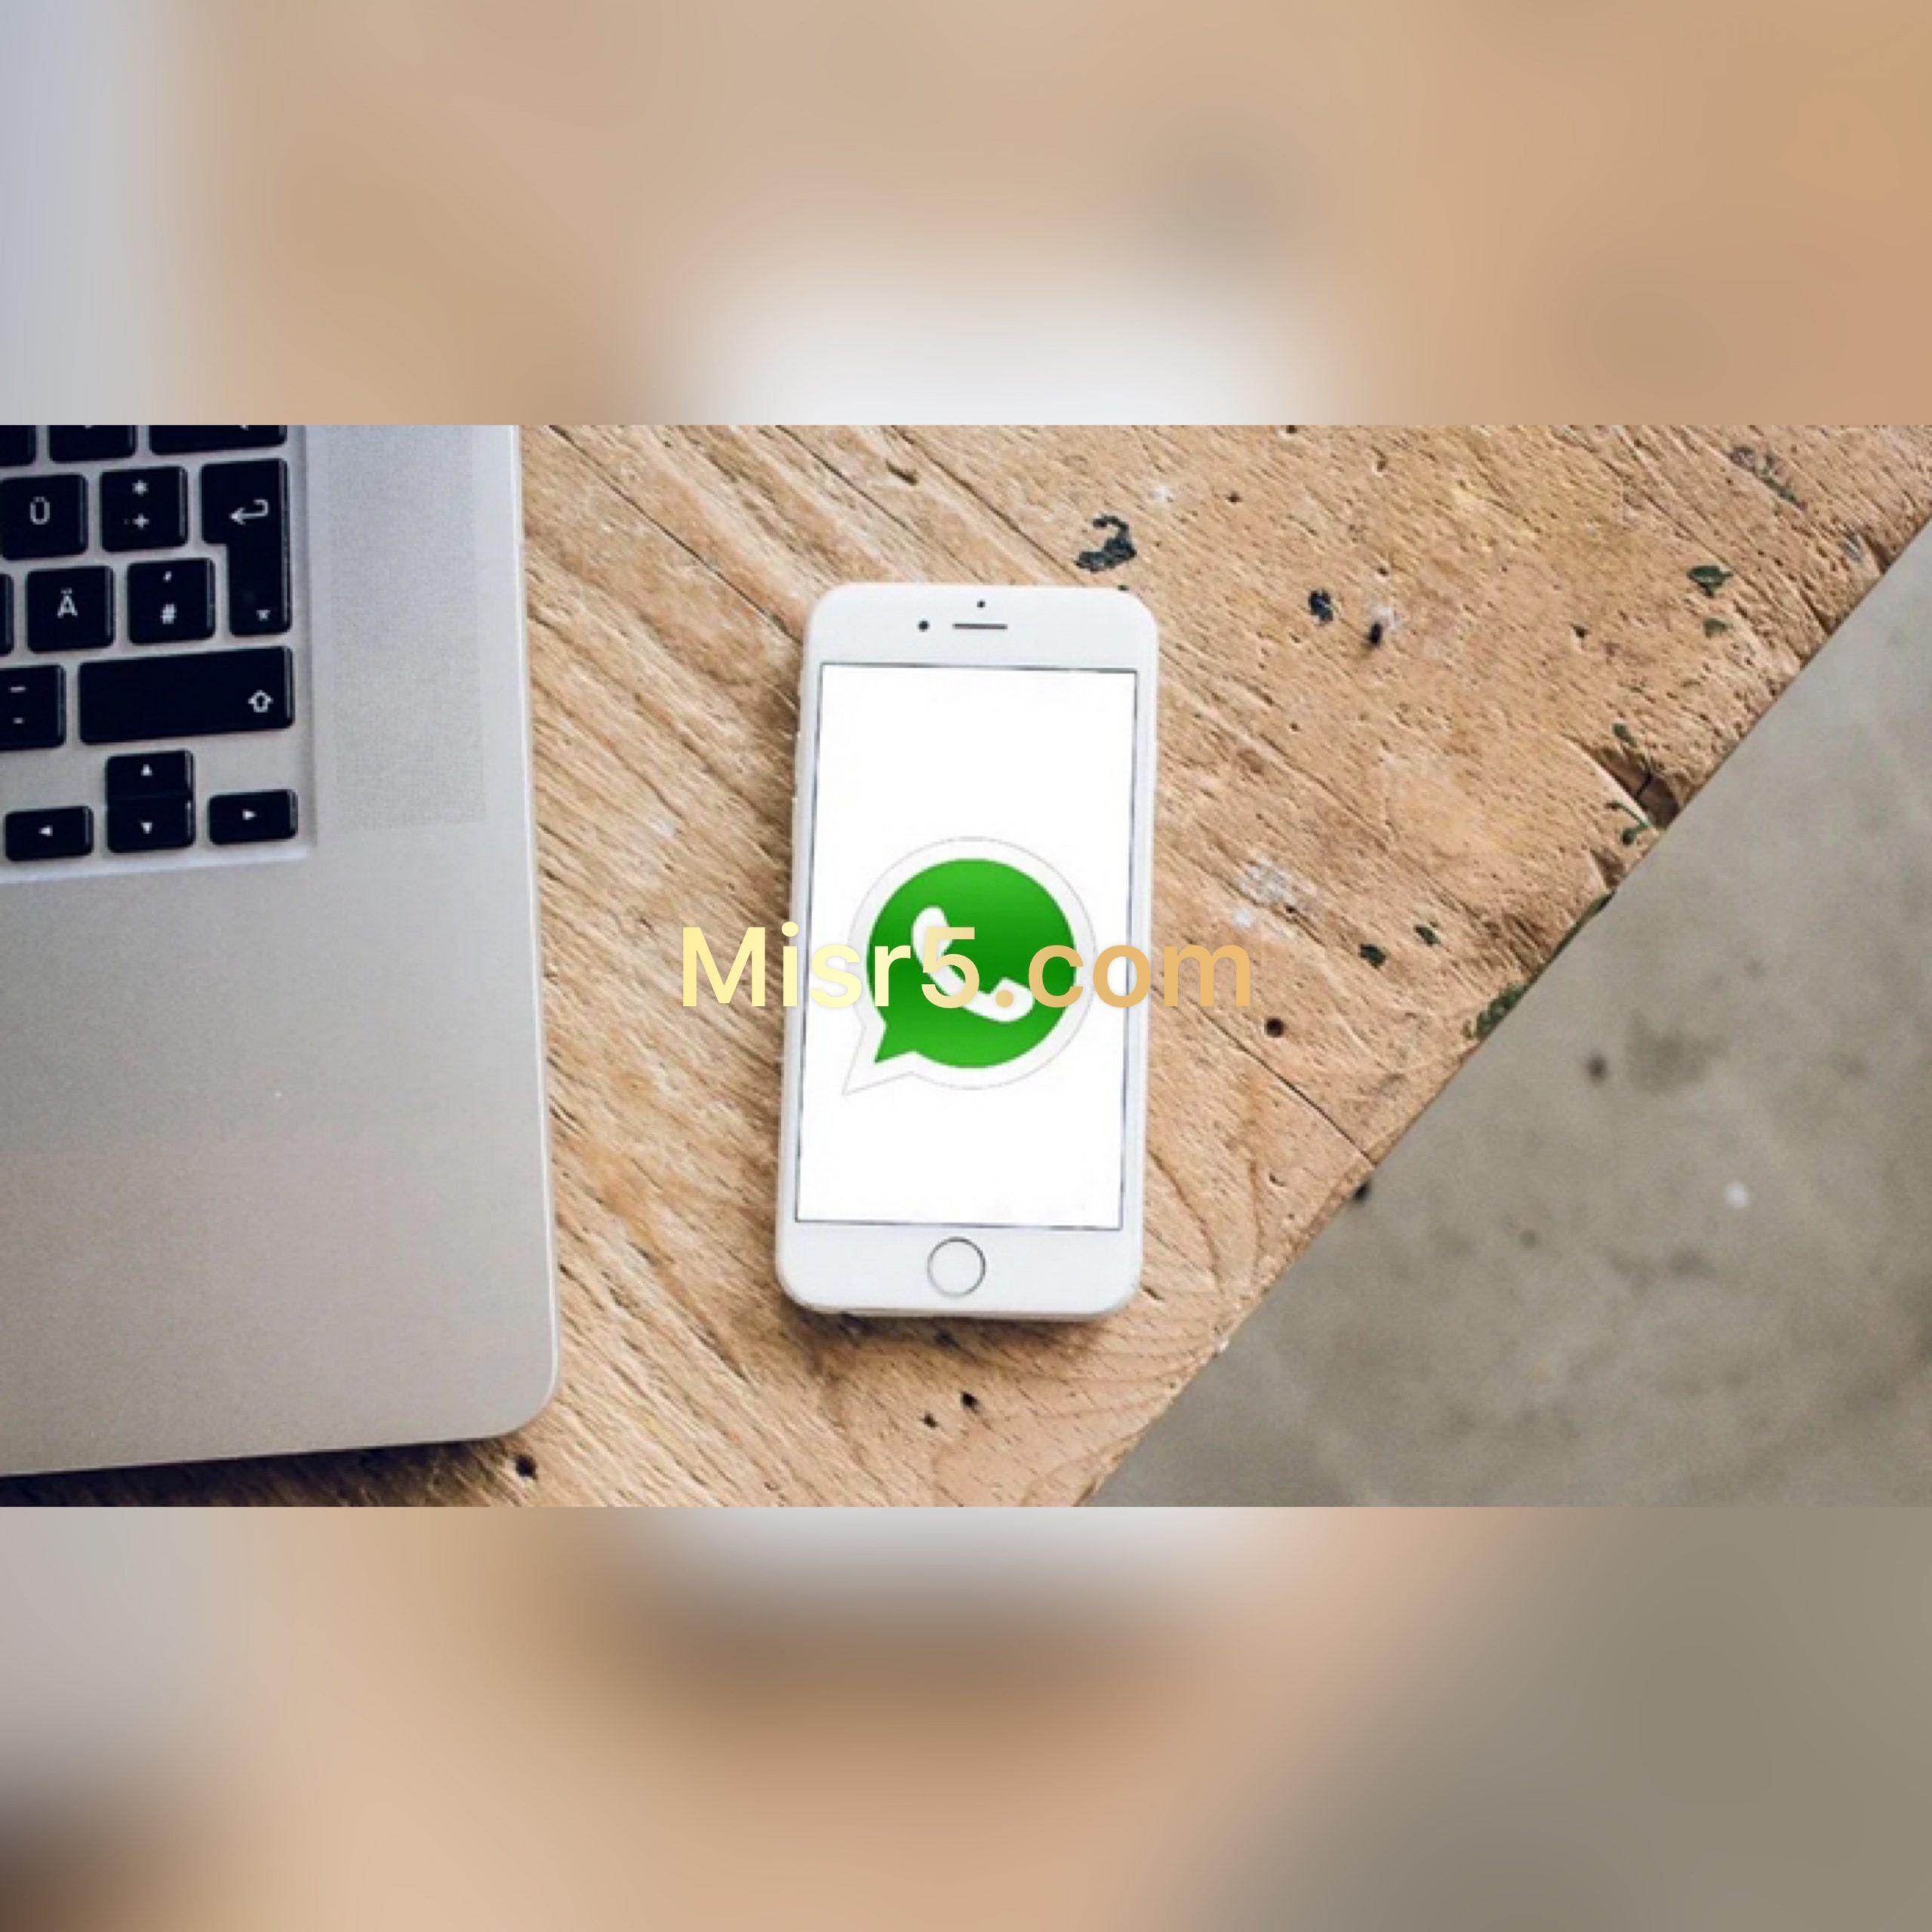 تحديث واتساب الجديد للآيفون | ميزة جديدة تتعلق بالخصوصية طال إنتظارها